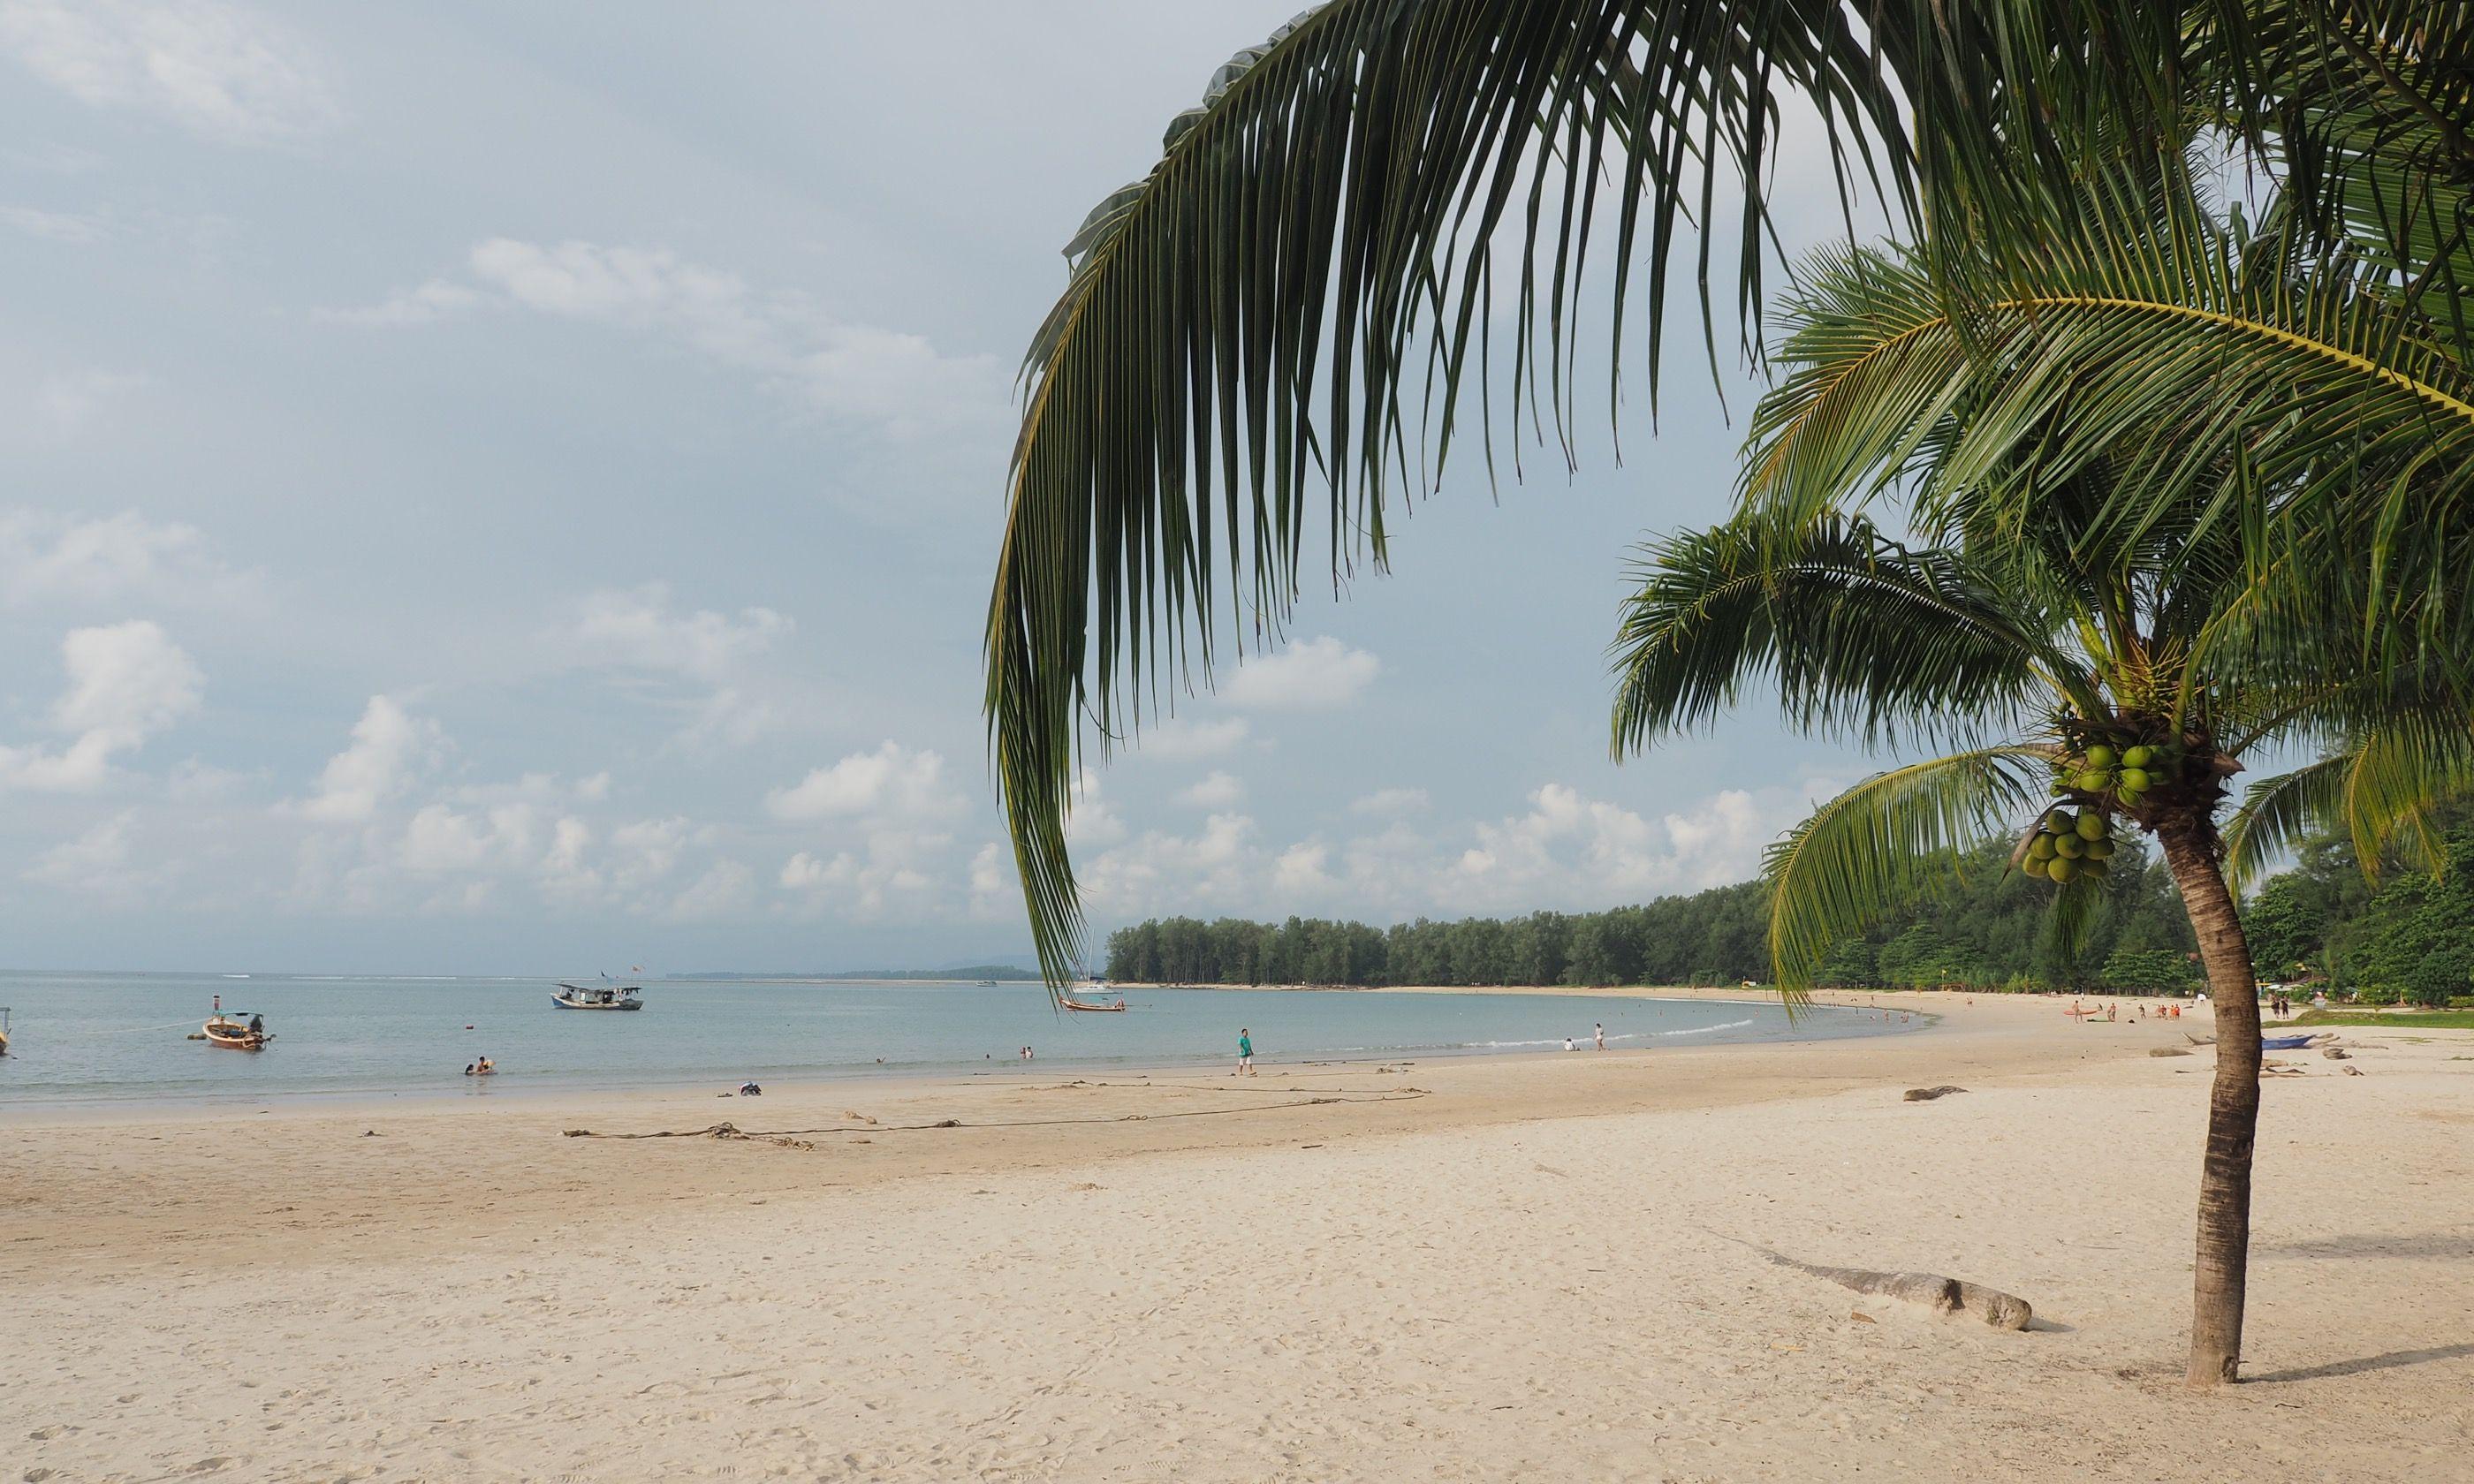 Nai Yang beach (Jamie Furlong)